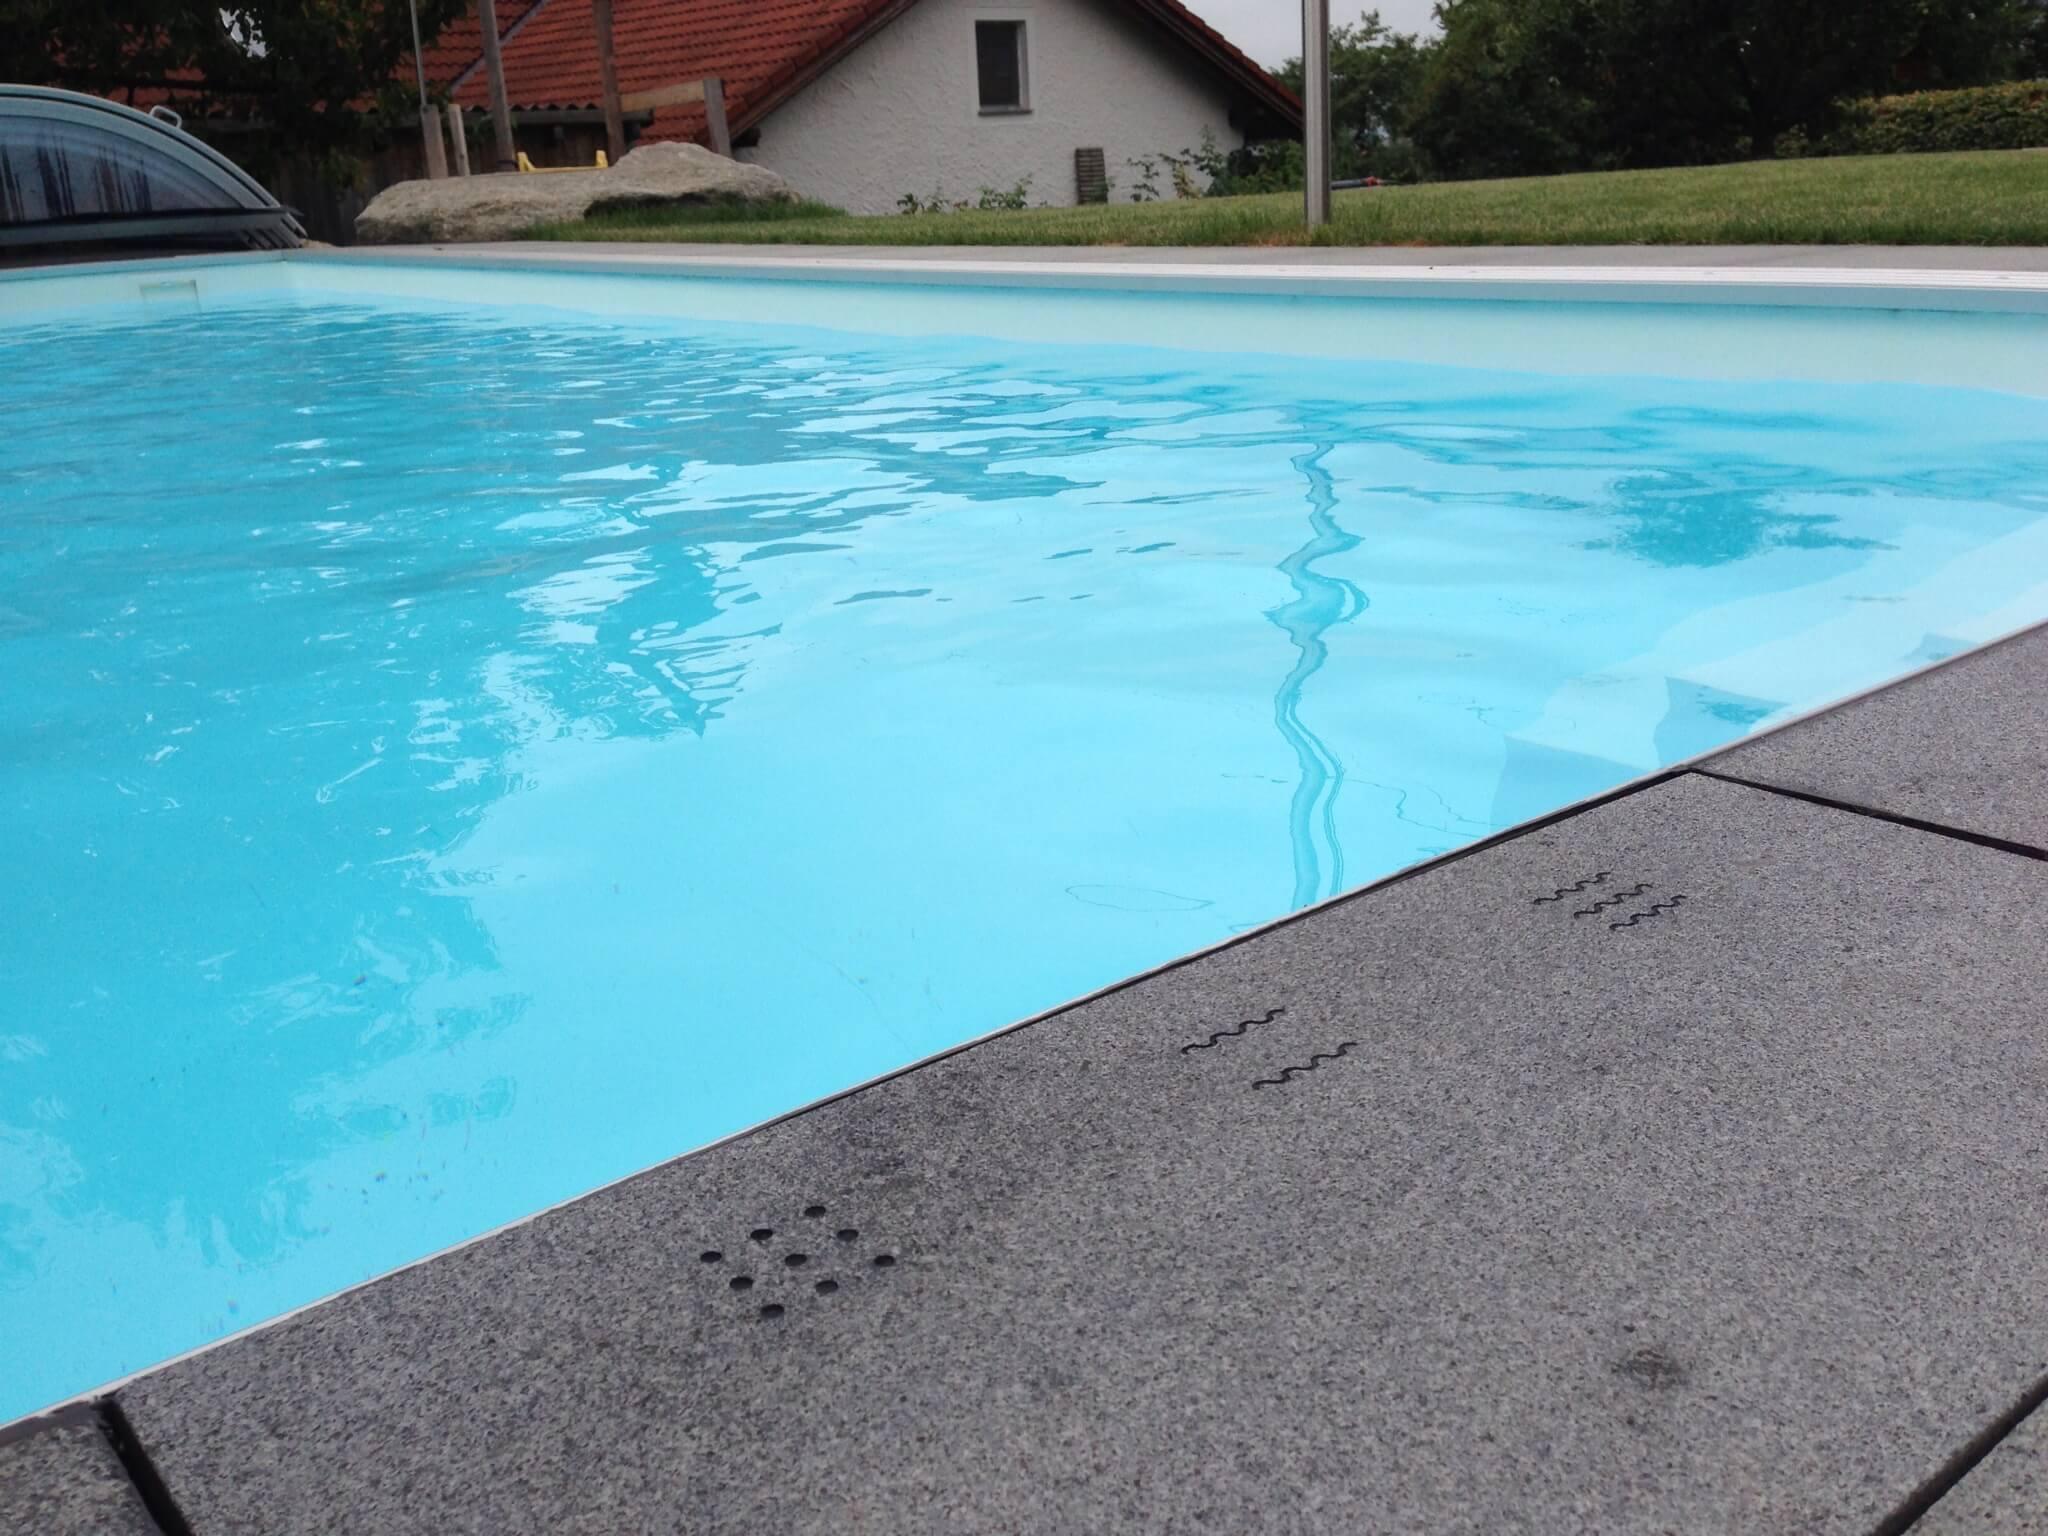 Smart Pool - Gravierte Taster